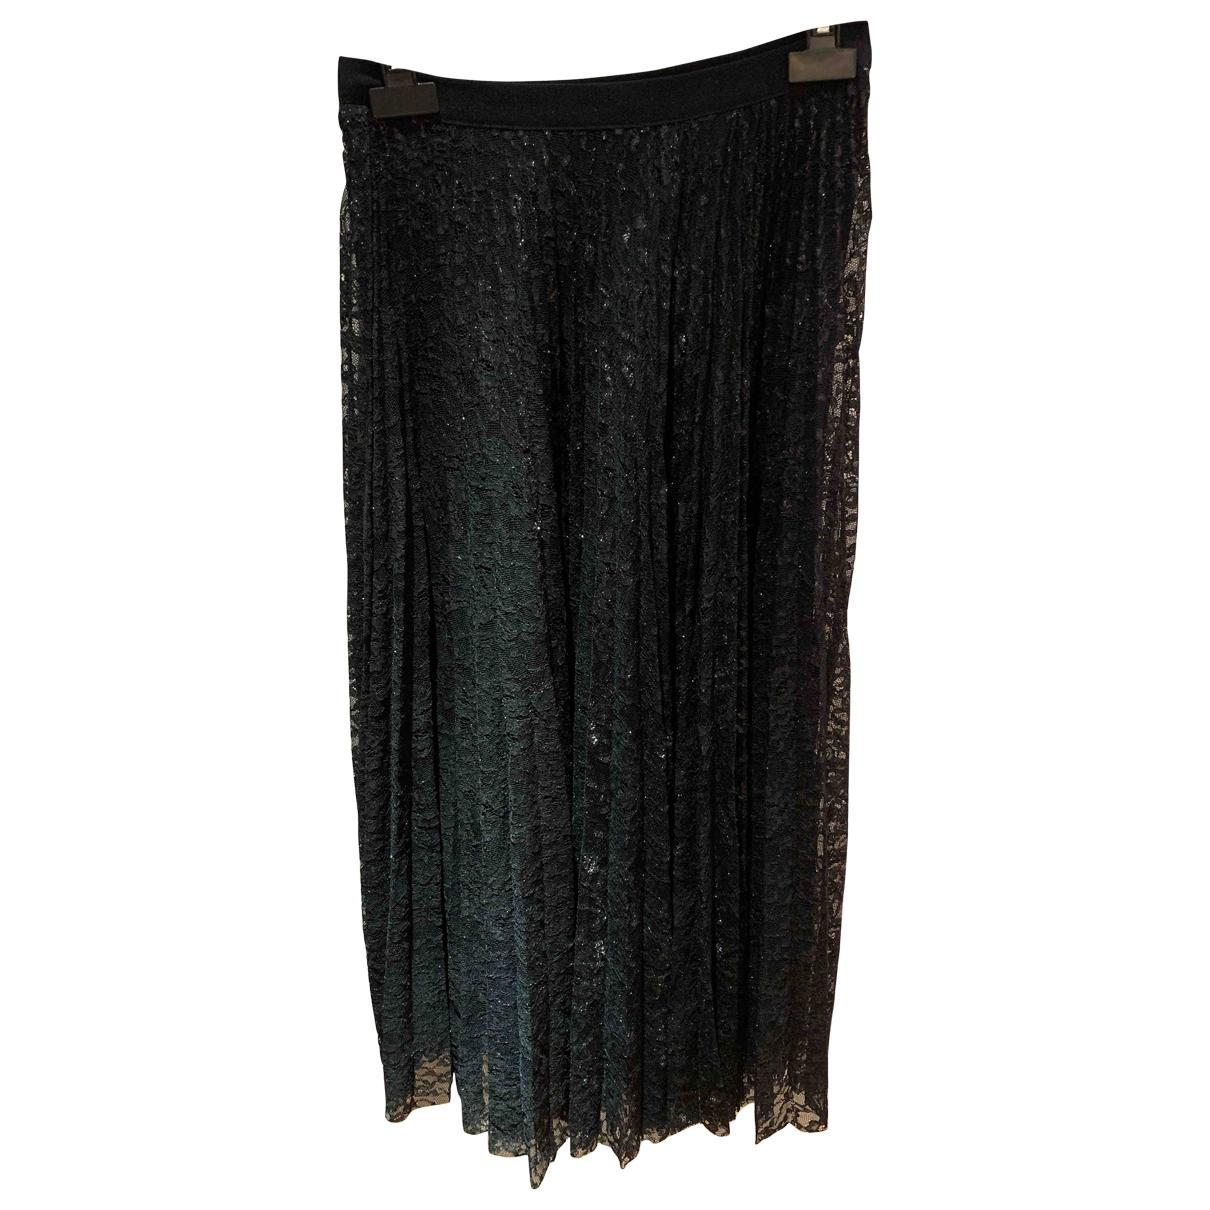 Erdem \N Black skirt for Women 8 UK